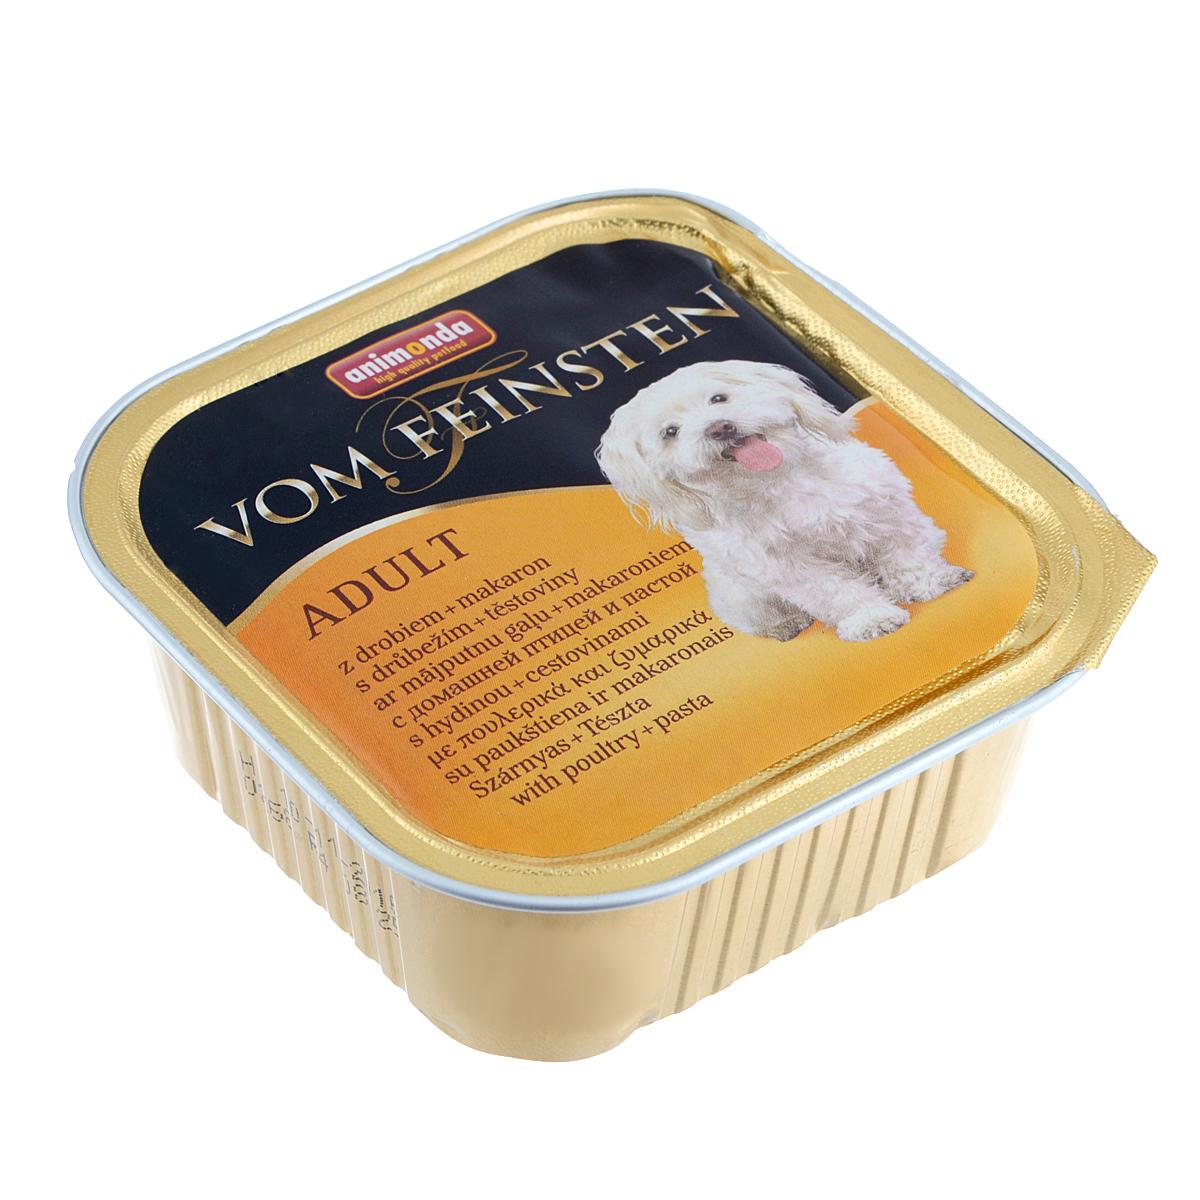 Консервы Animonda Vom Feinsten для взрослых собак, с домашней птицей и пастой, 150 г0120710Консервы Animonda Vom Feinsten - это консервированное полноценное и деликатесное питание на основе отборного мяса в комбинации со специальными ингредиентами для взрослых собак высшего качества.Состав: мясо и мясные продукты 59% (домашняя птица 25%, говядина, свинина), бульон, макаронные изделия (лапша 4%), минералы.Анализ: белок 10,5%, жир 4,5%, клетчатка 0,4%, зола 2,5%, влажность 81%.Добавки (на 1 кг продукта): витамин D3 120 МЕ, витамин Е (a-токоферол) 15 мг. Вес: 150 г.Товар сертифицирован.